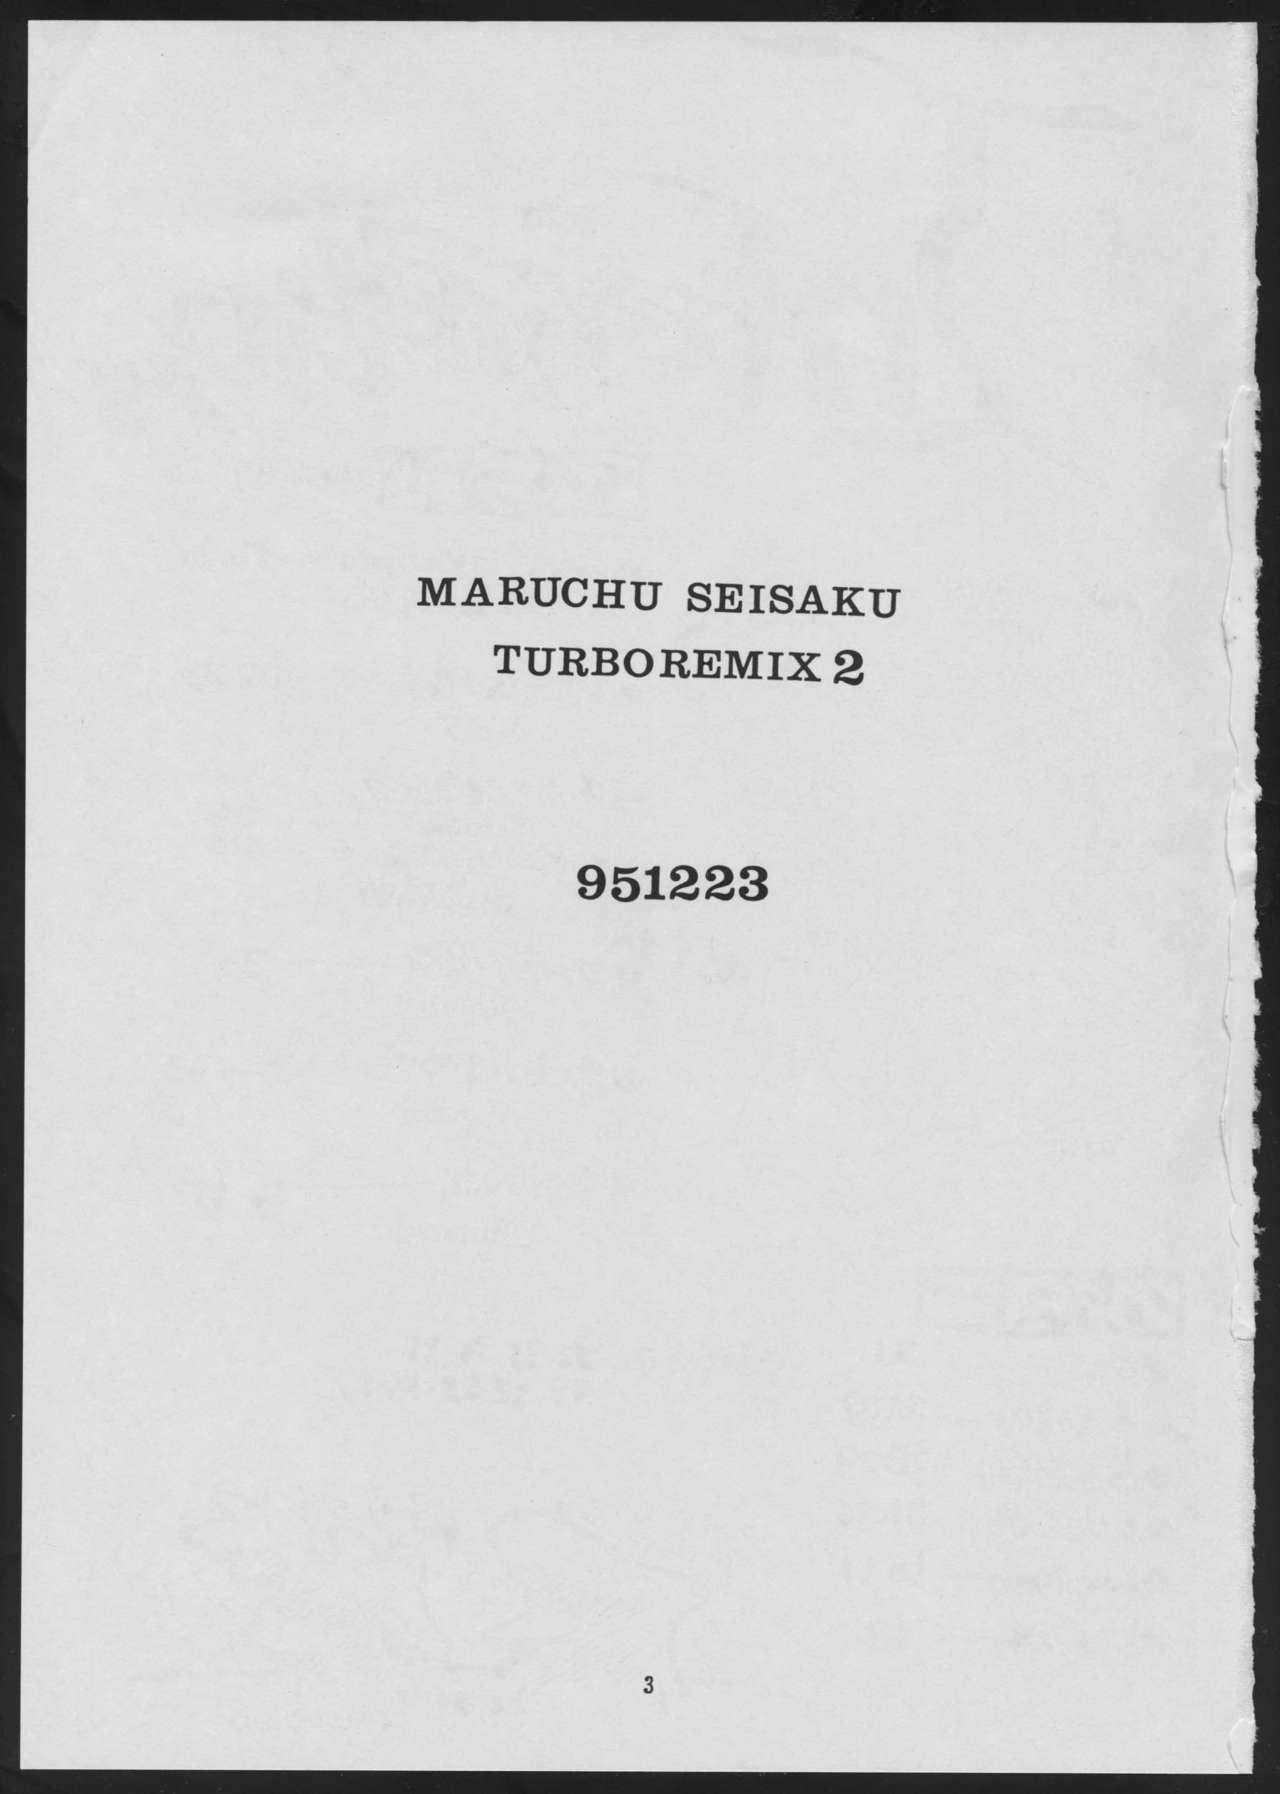 Maruchuu Seisaku Turbo Remix 2 2